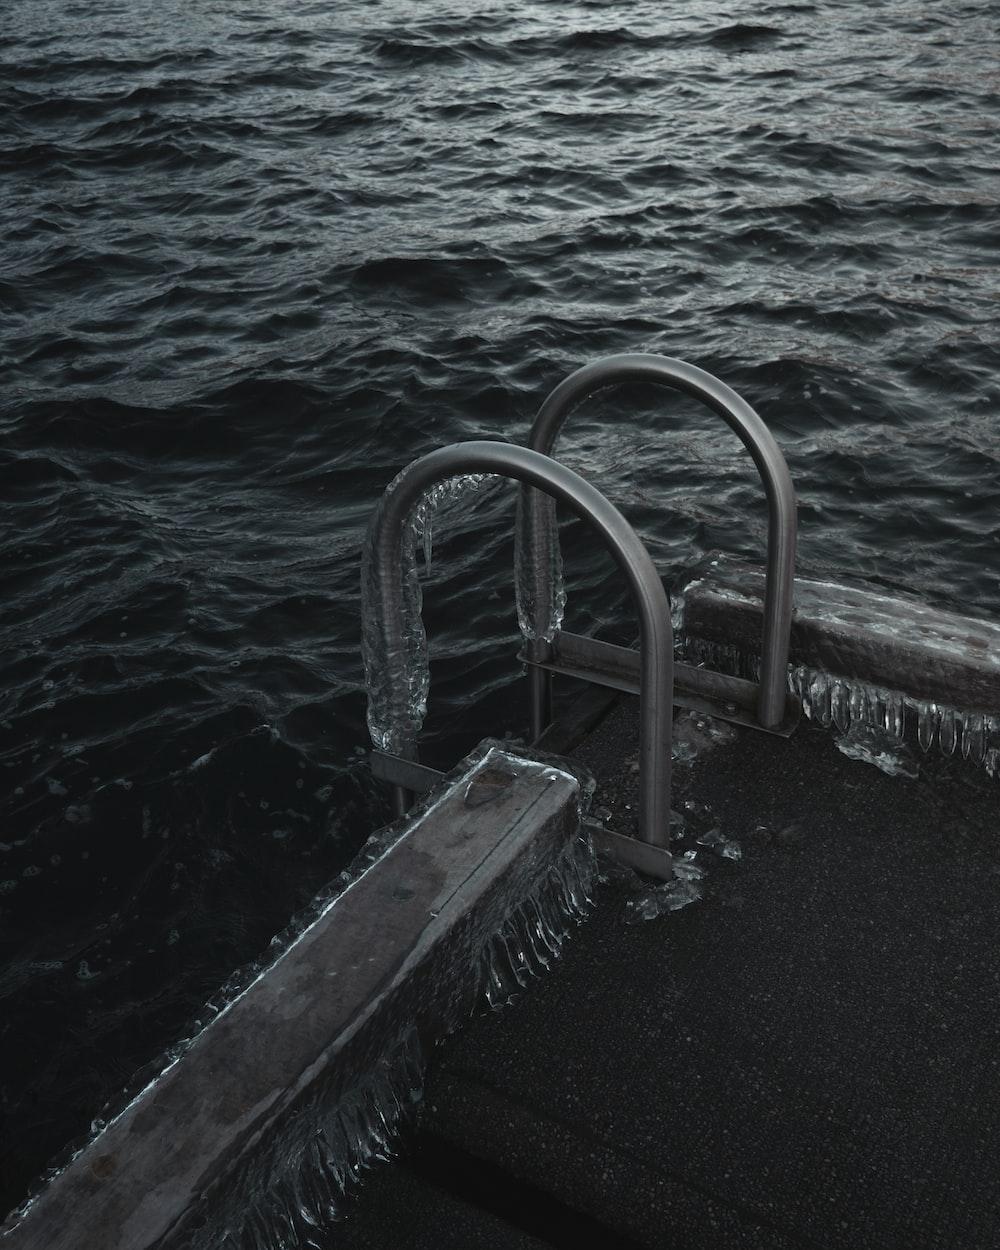 stainless steel pool handlebar